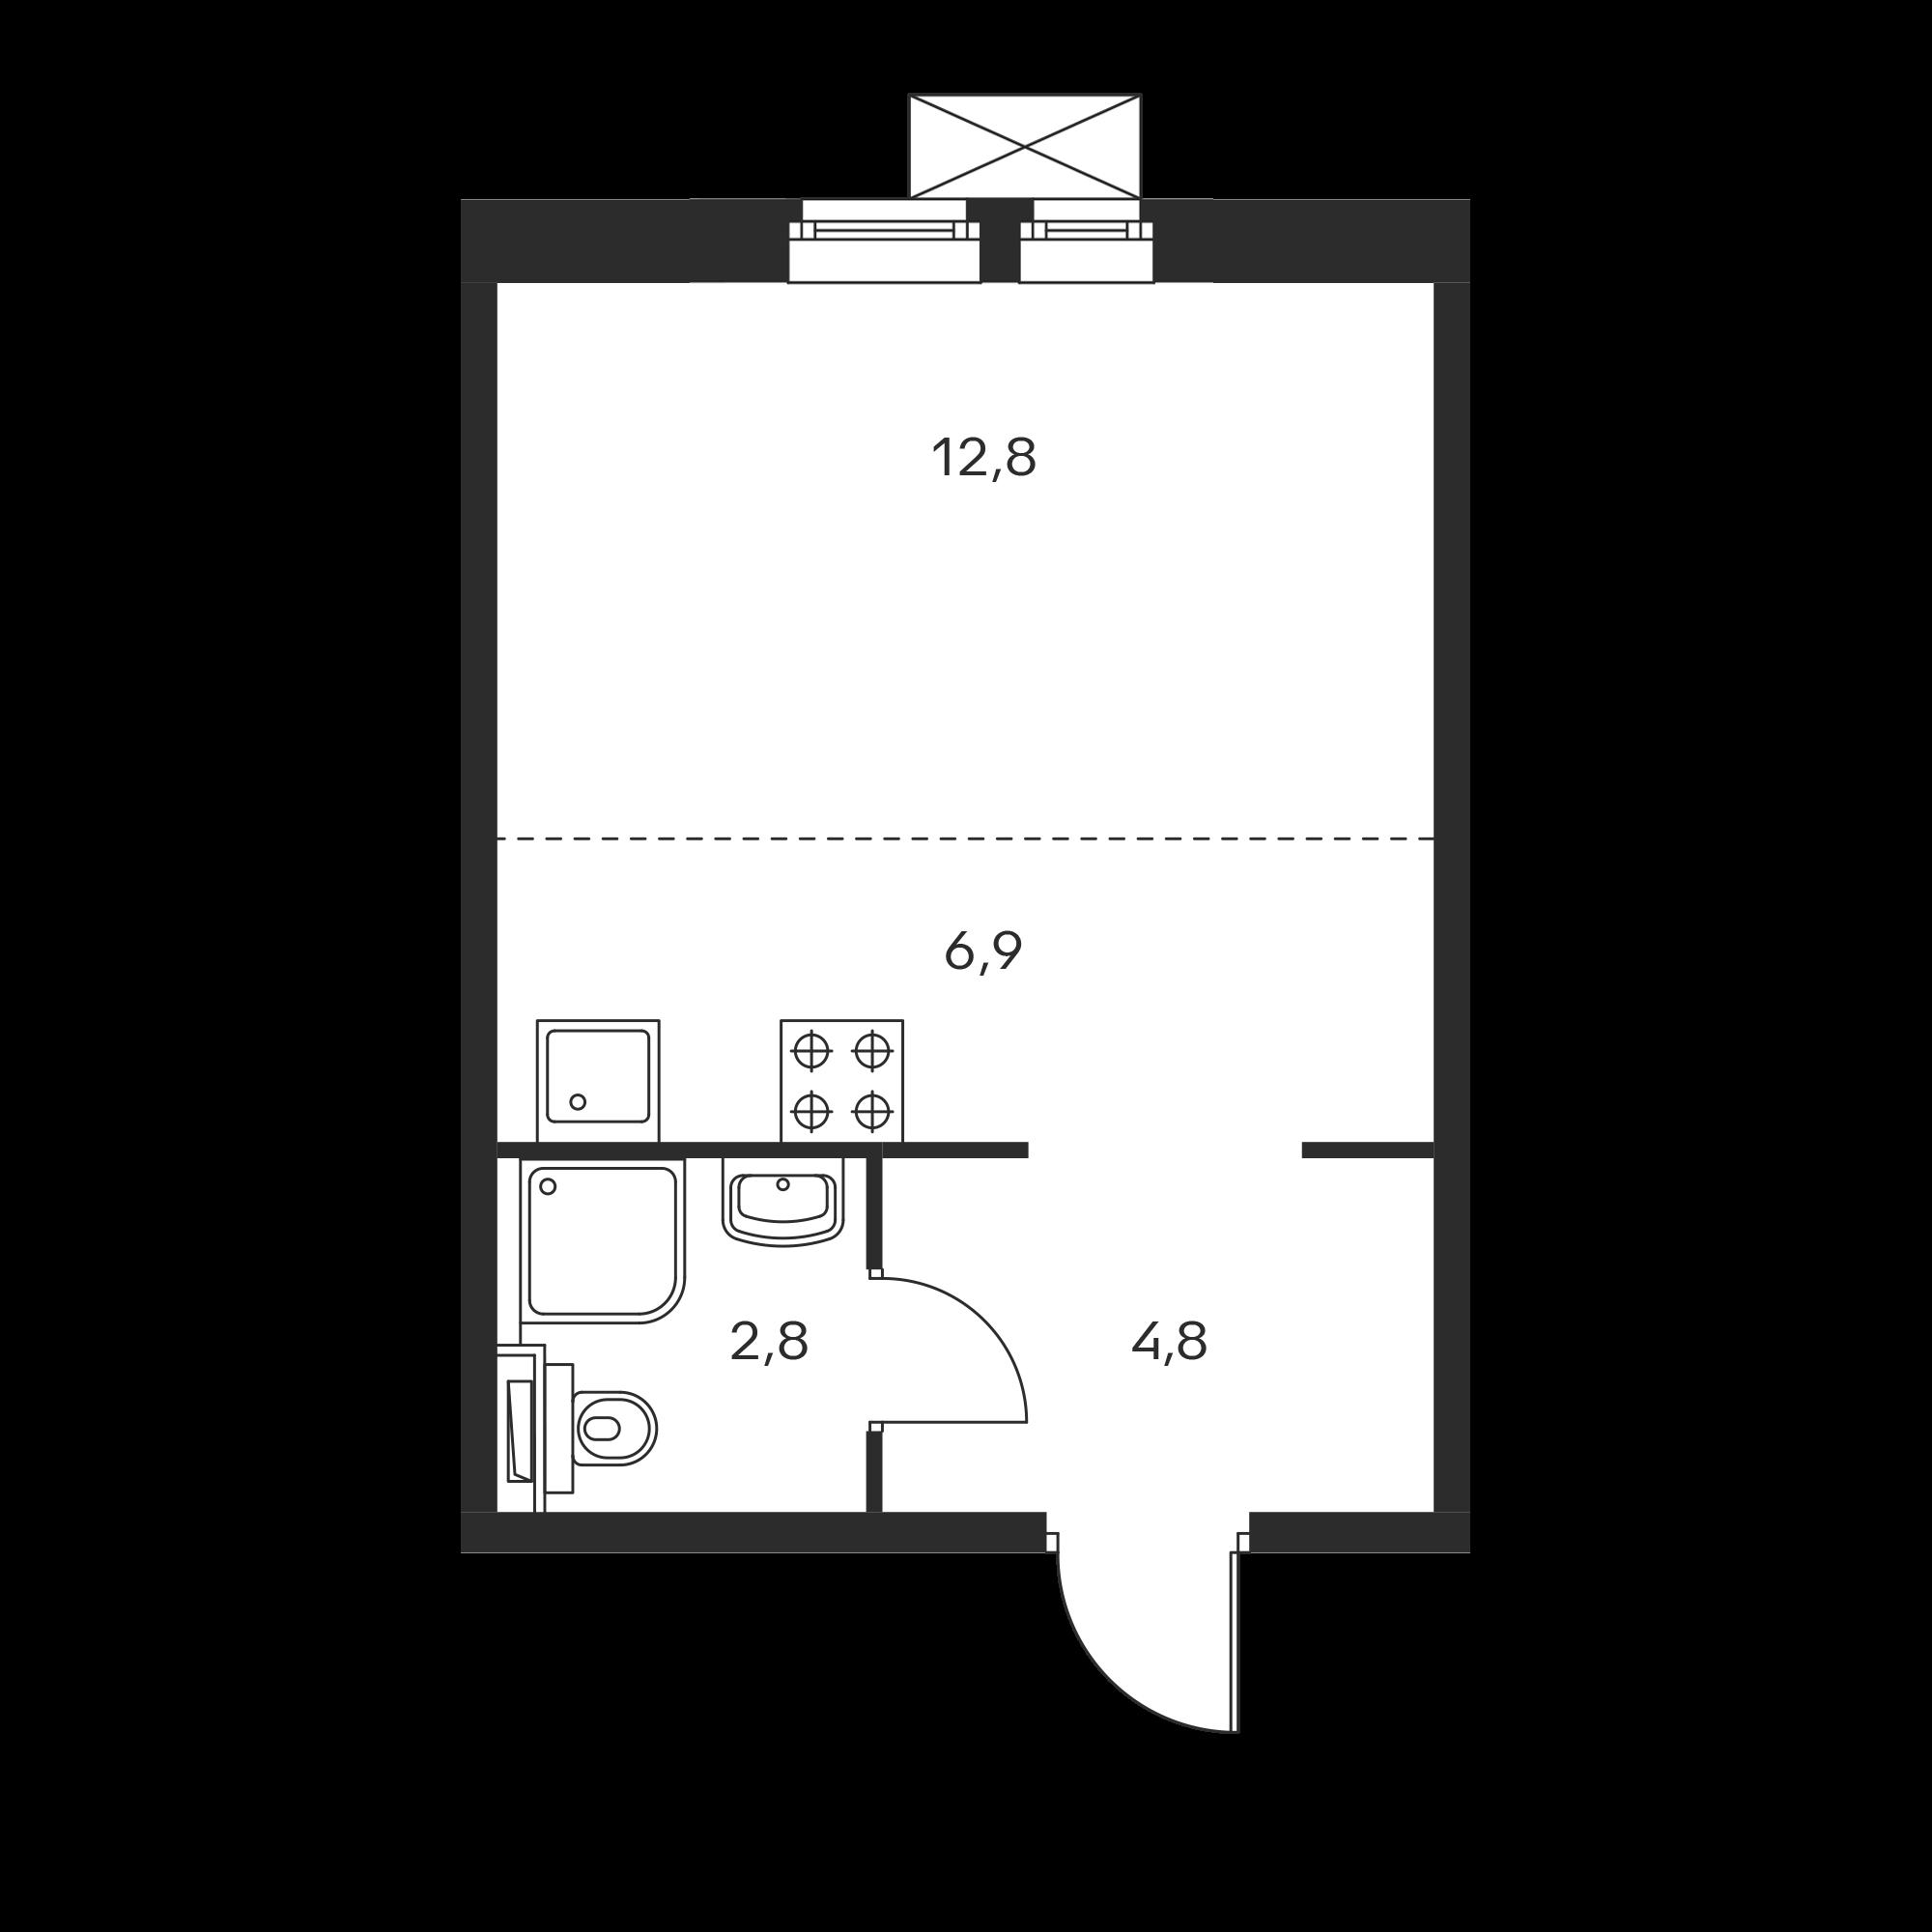 1NM1_4.8-1_S_A2